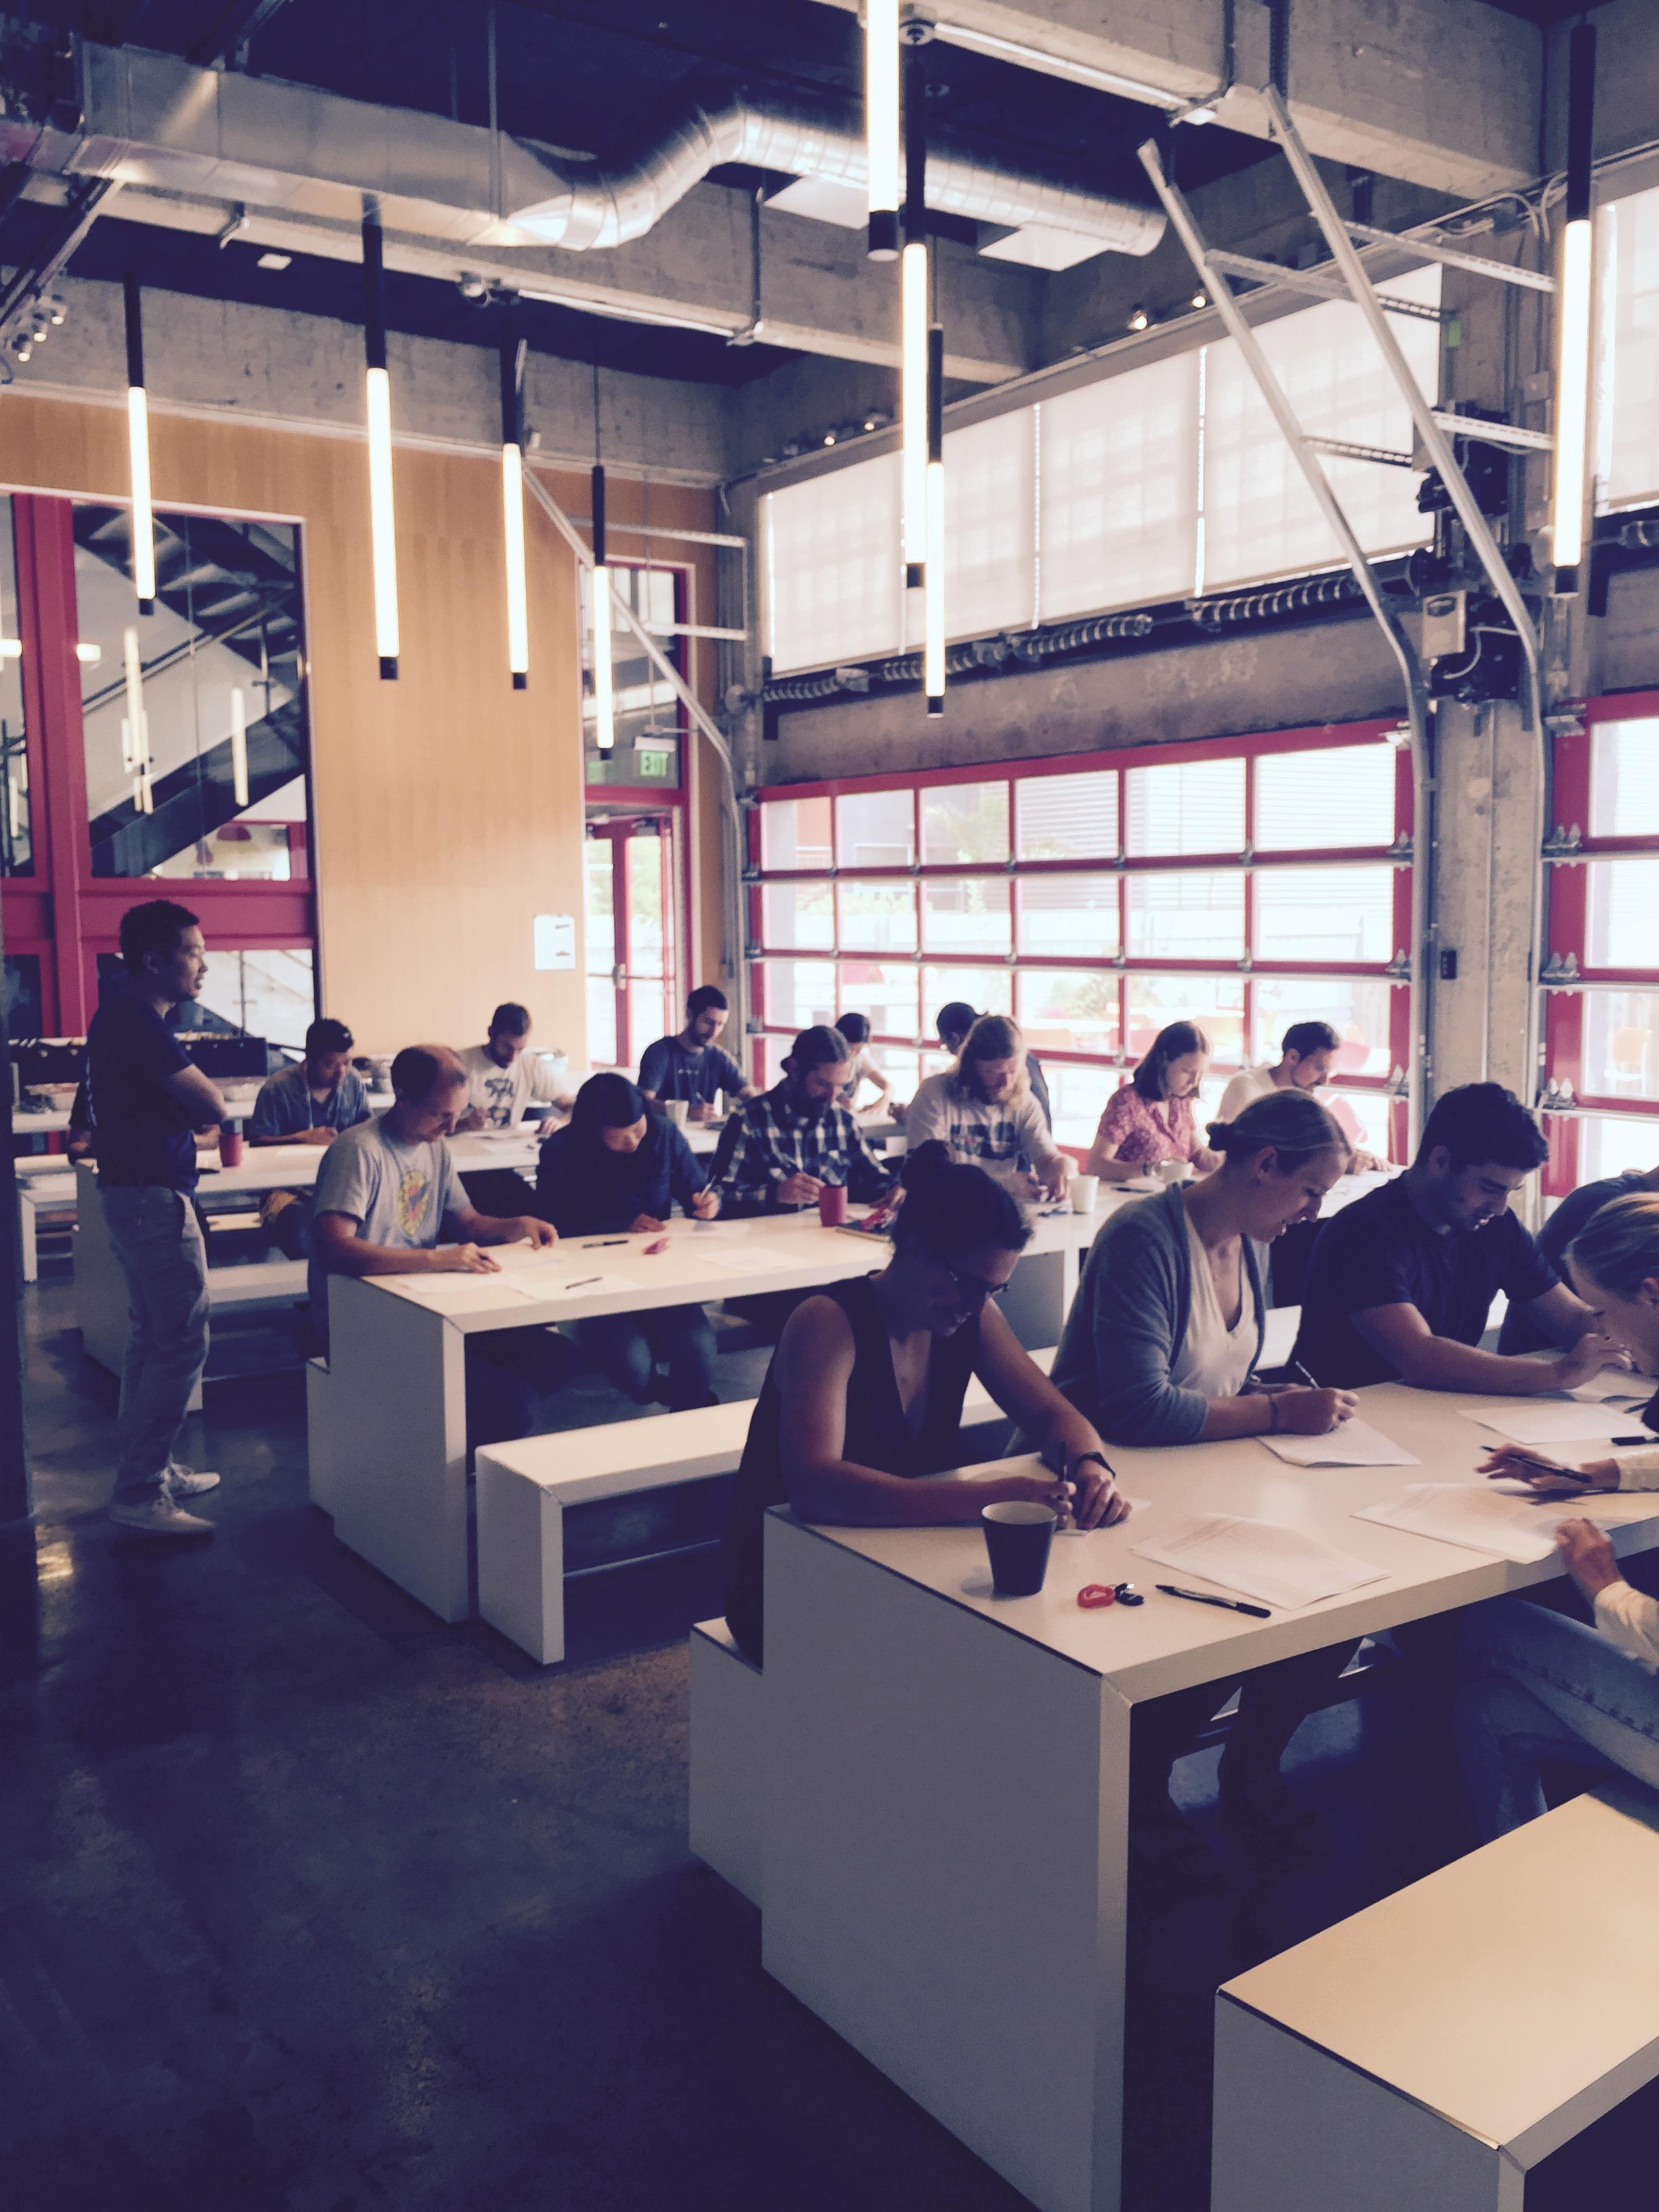 Engineers attending the workshop.